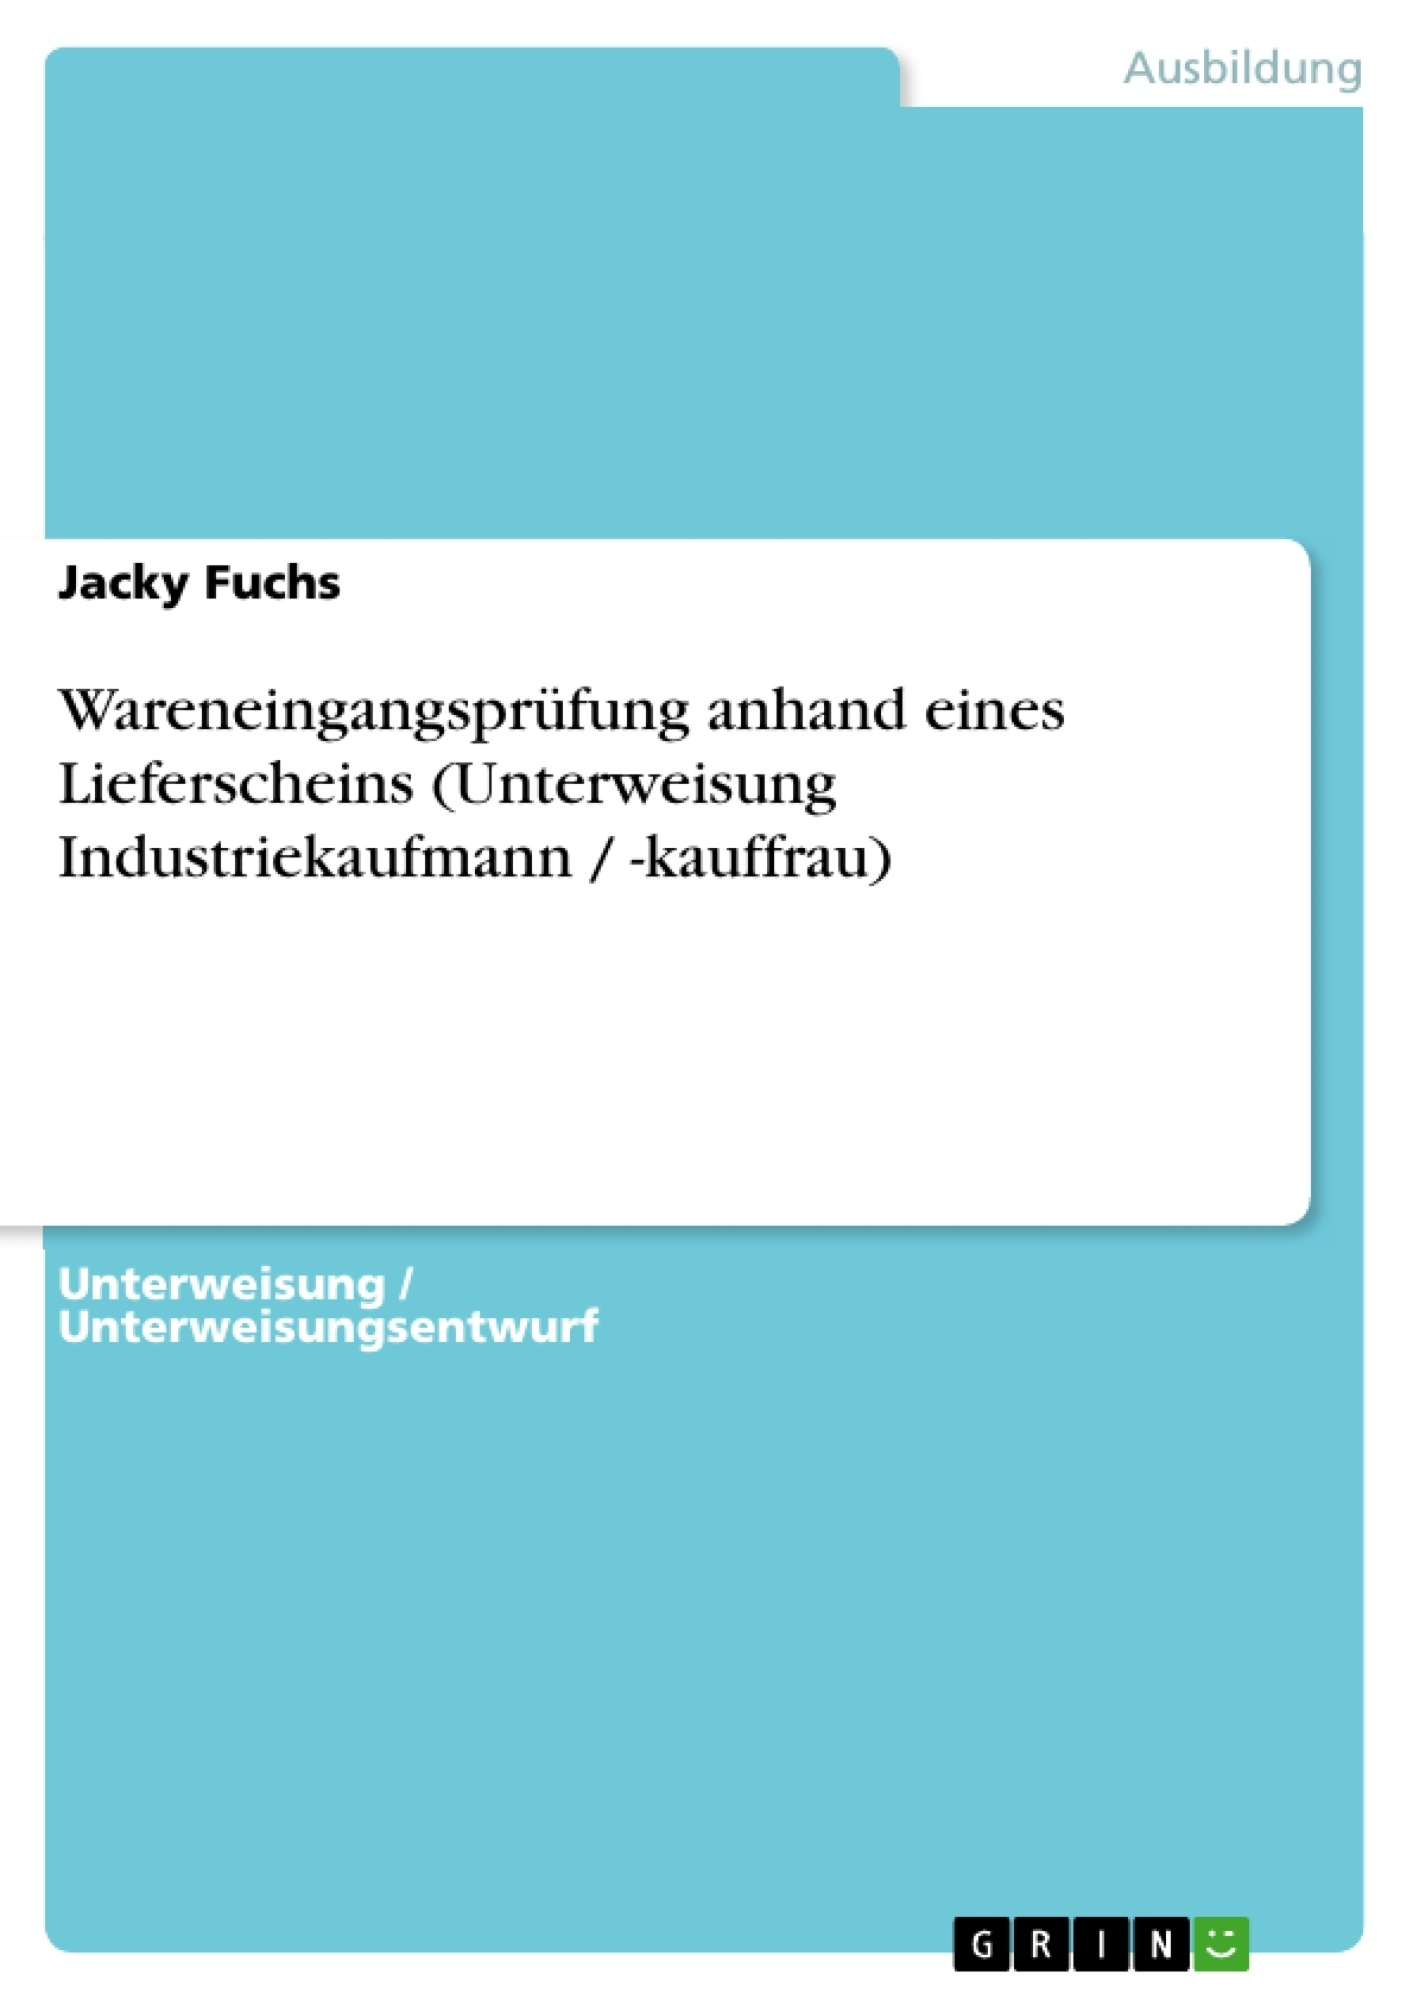 Titel: Wareneingangsprüfung anhand eines Lieferscheins (Unterweisung Industriekaufmann / -kauffrau)